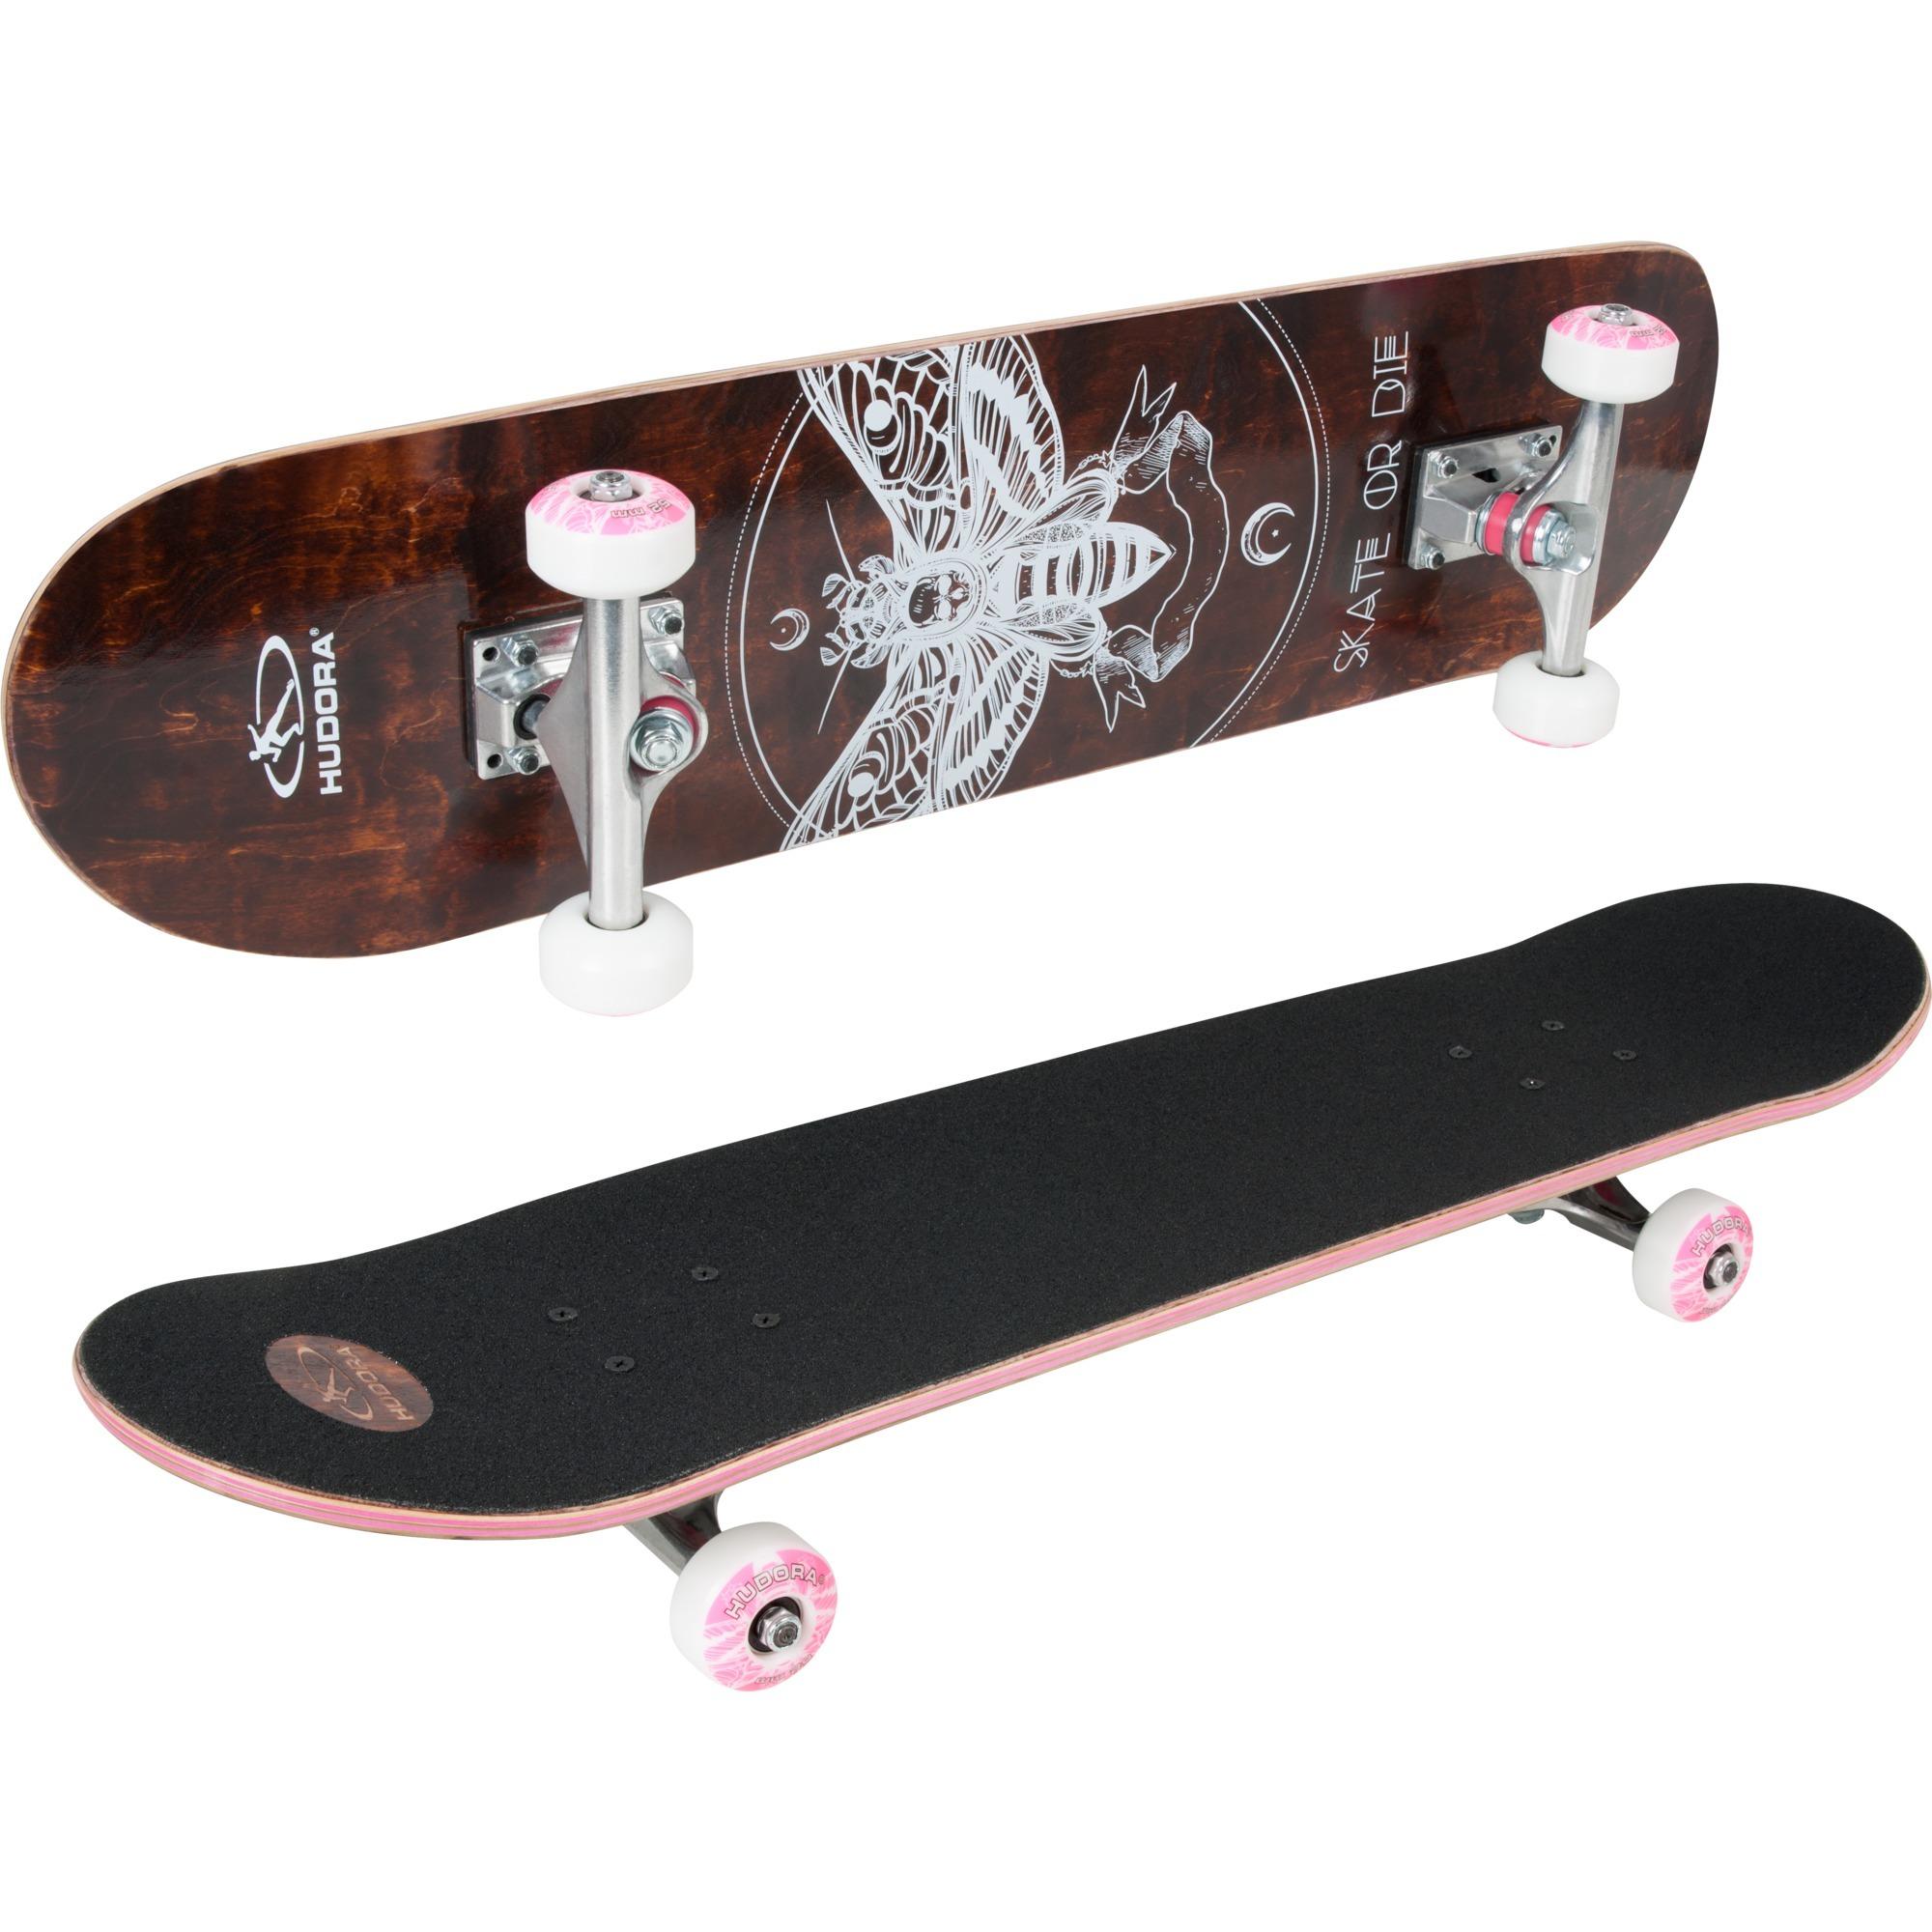 12760 monopatín Monopatín (clásico) Negro, Marrón Madera, Skateboard